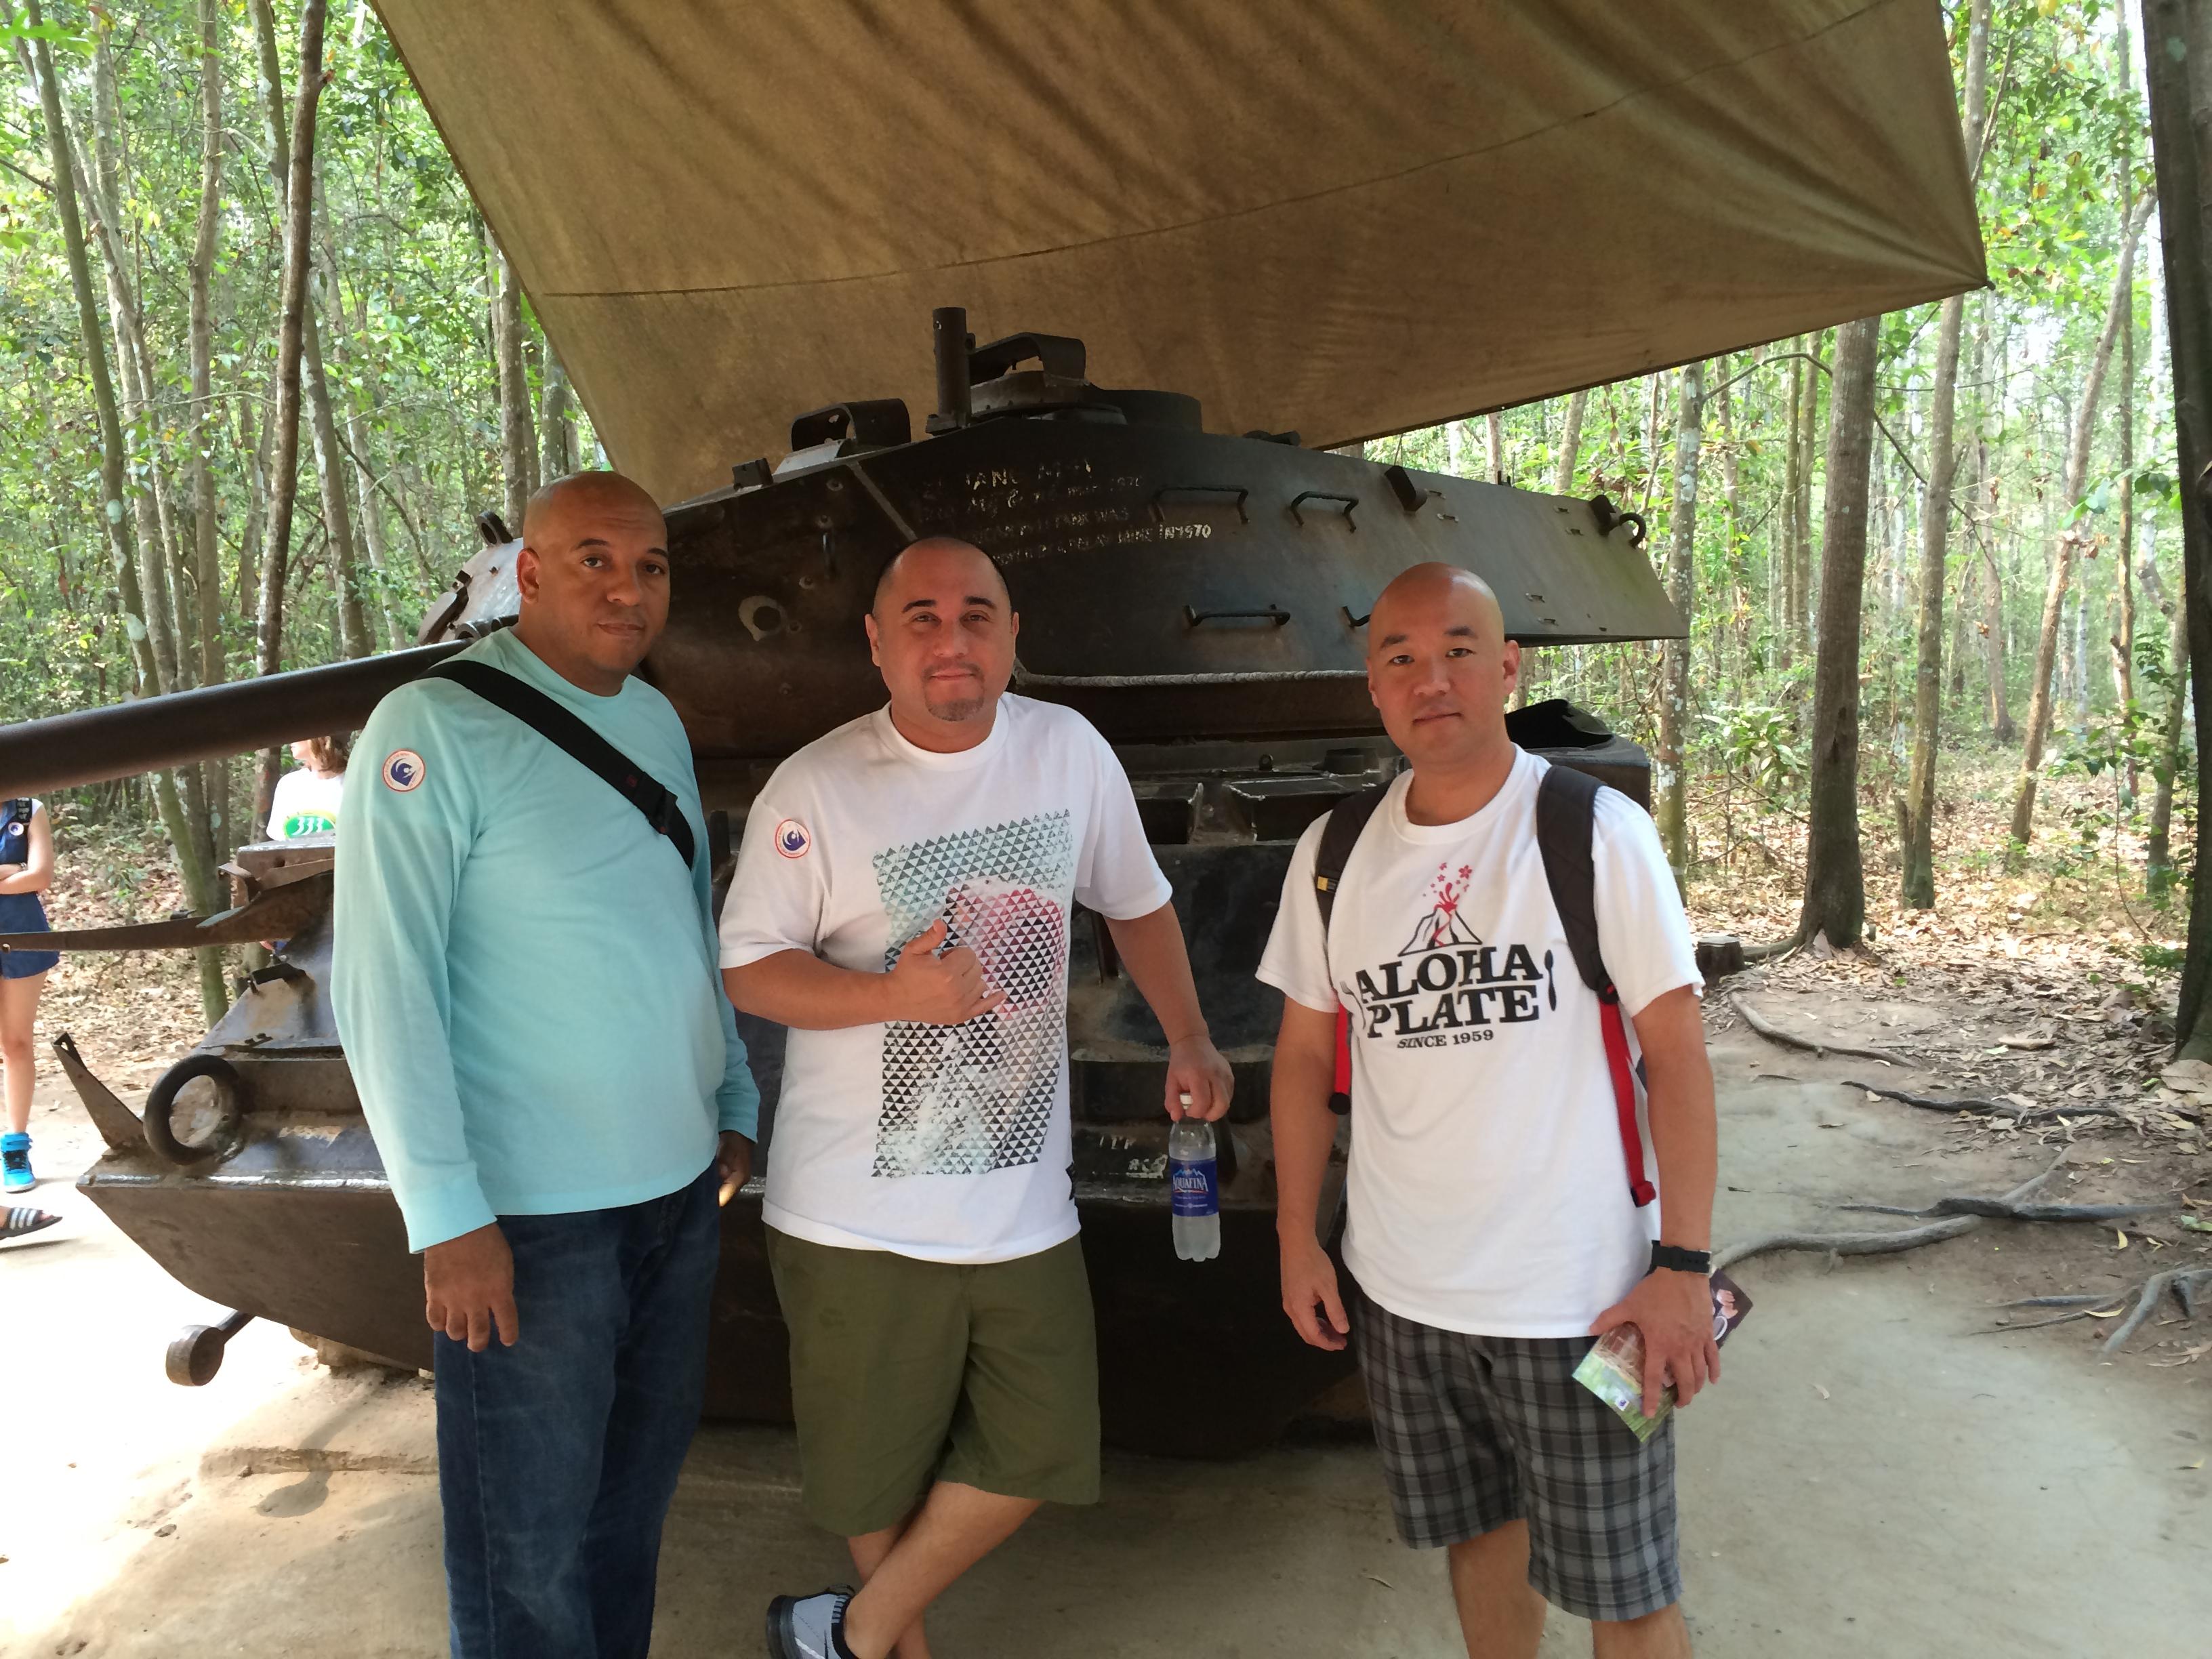 Lanai does Vietnam - Lanai's Travel Club